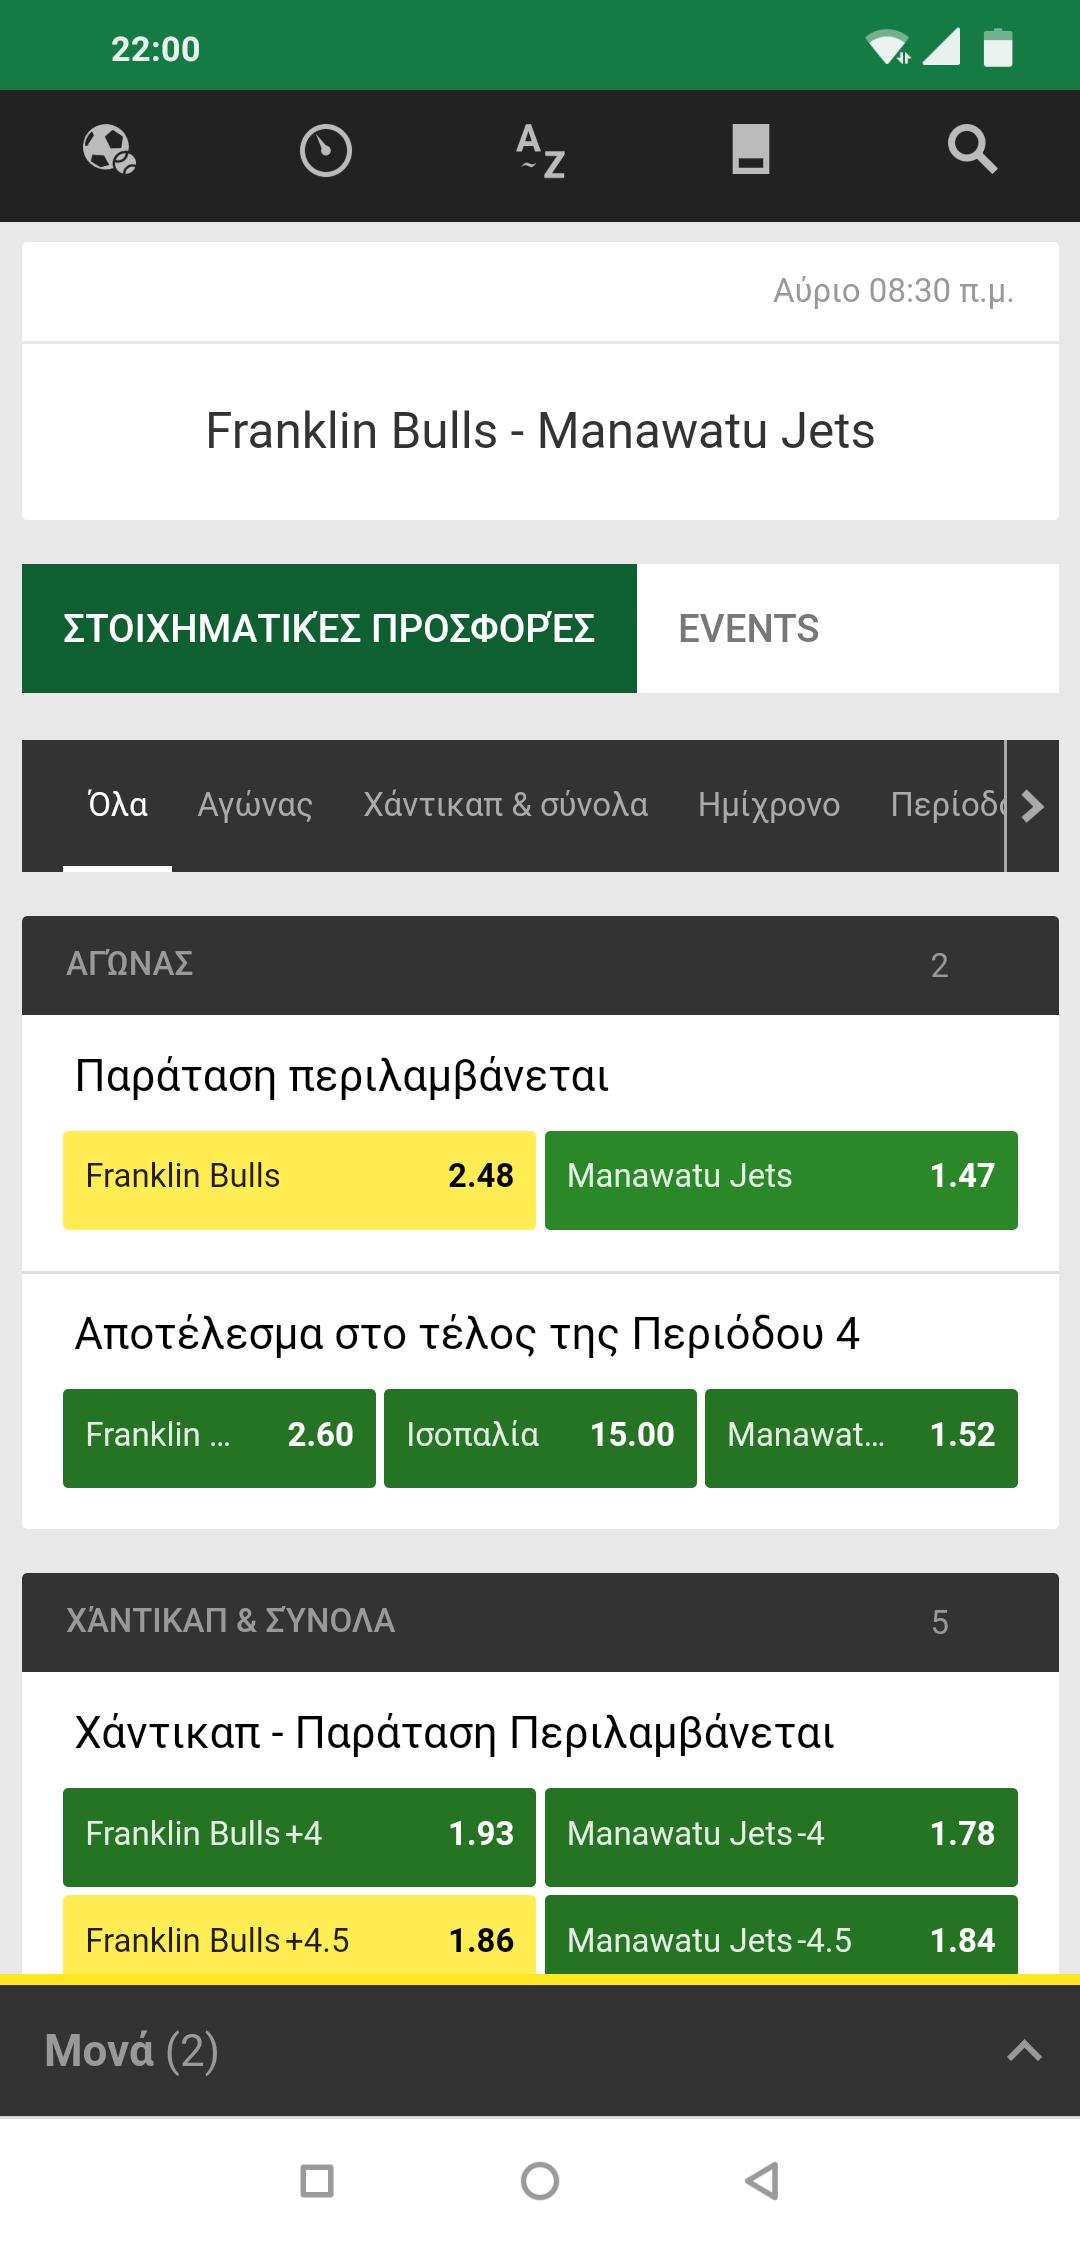 Screenshot_2020-07-03-22-00-50-872_com.android.chrome.png